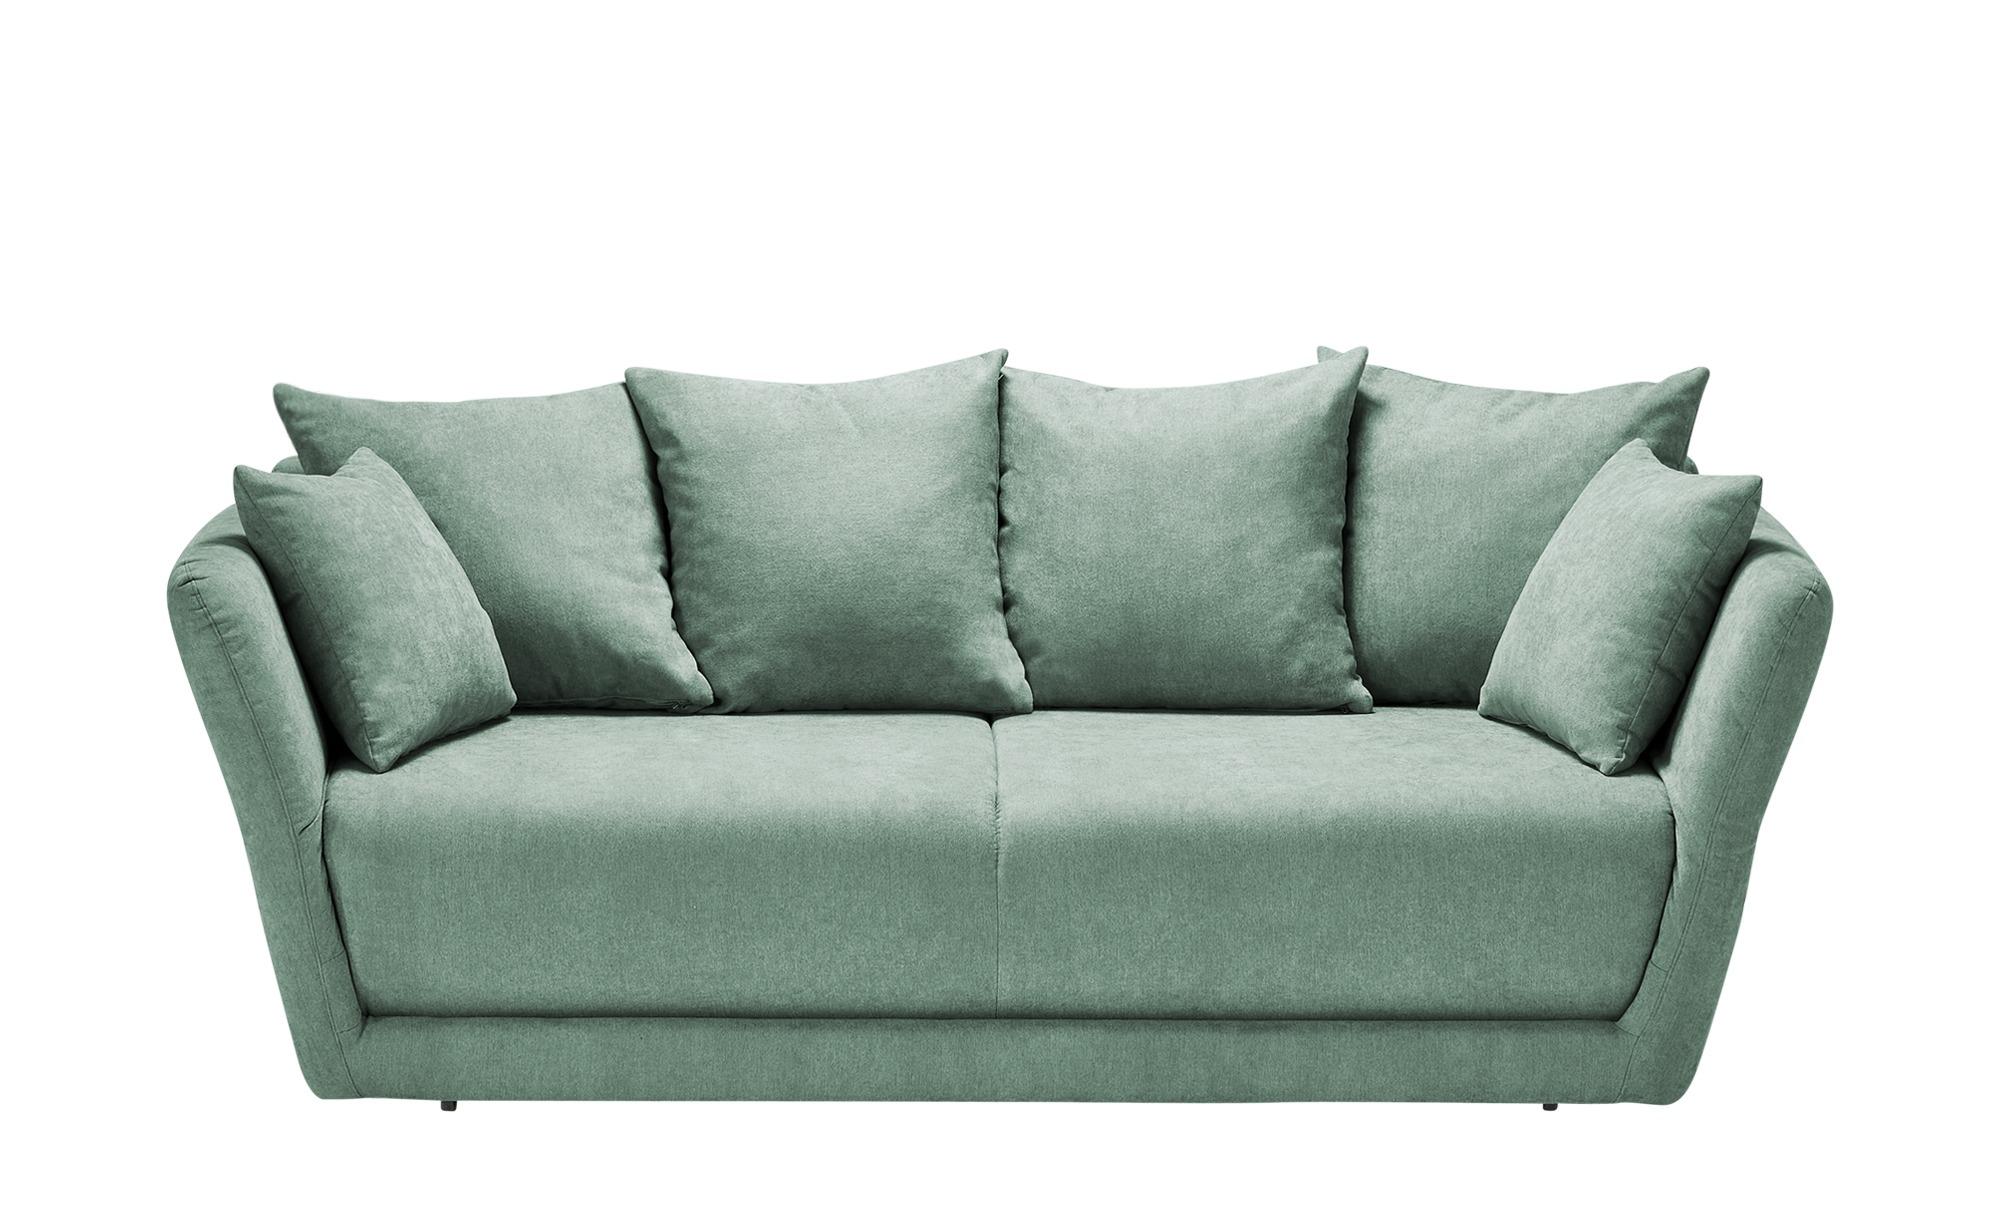 Schlafsofa  Vevi ¦ grün ¦ Maße (cm): B: 210 H: 83 T: 98 Polstermöbel > Sofas > Einzelsofas - Höffner